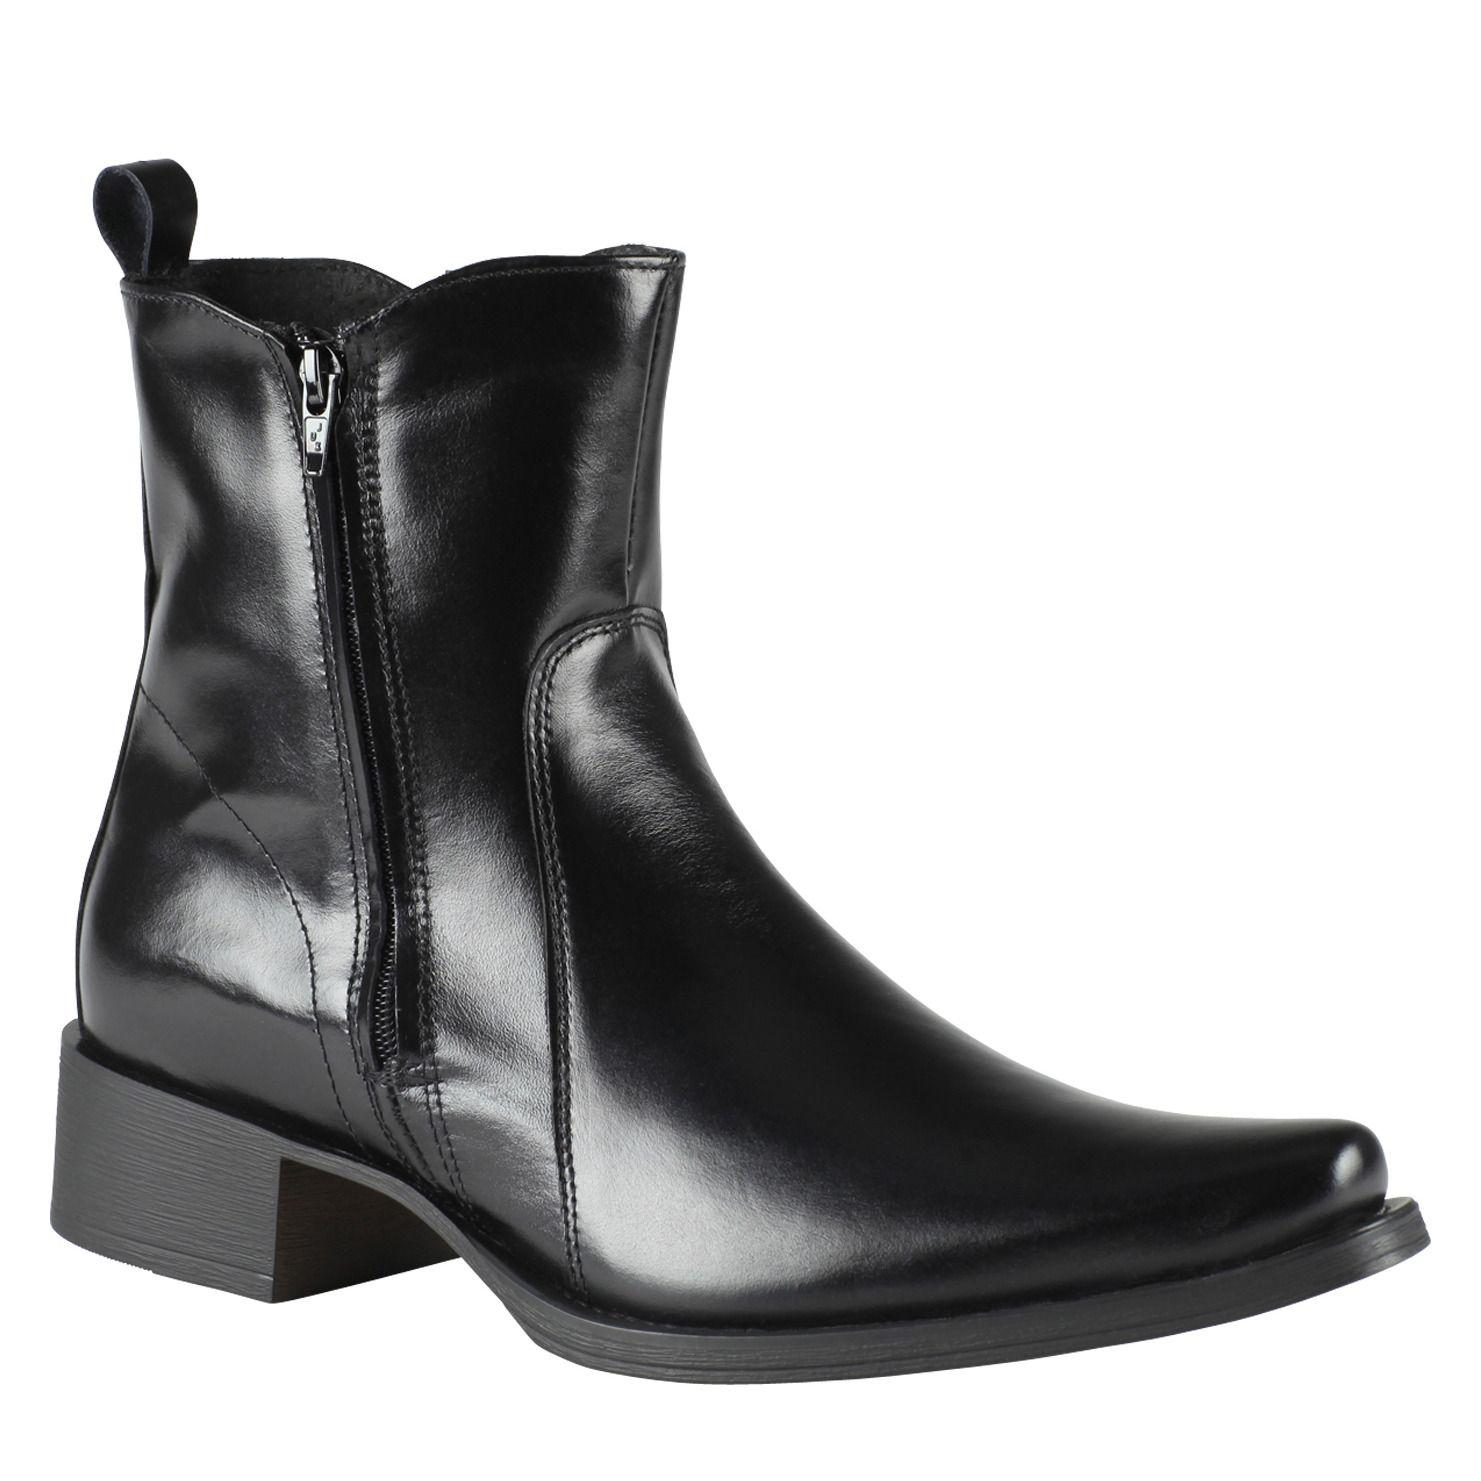 Chevi Men S Dress Boots Boots For Sale At Aldo Shoes